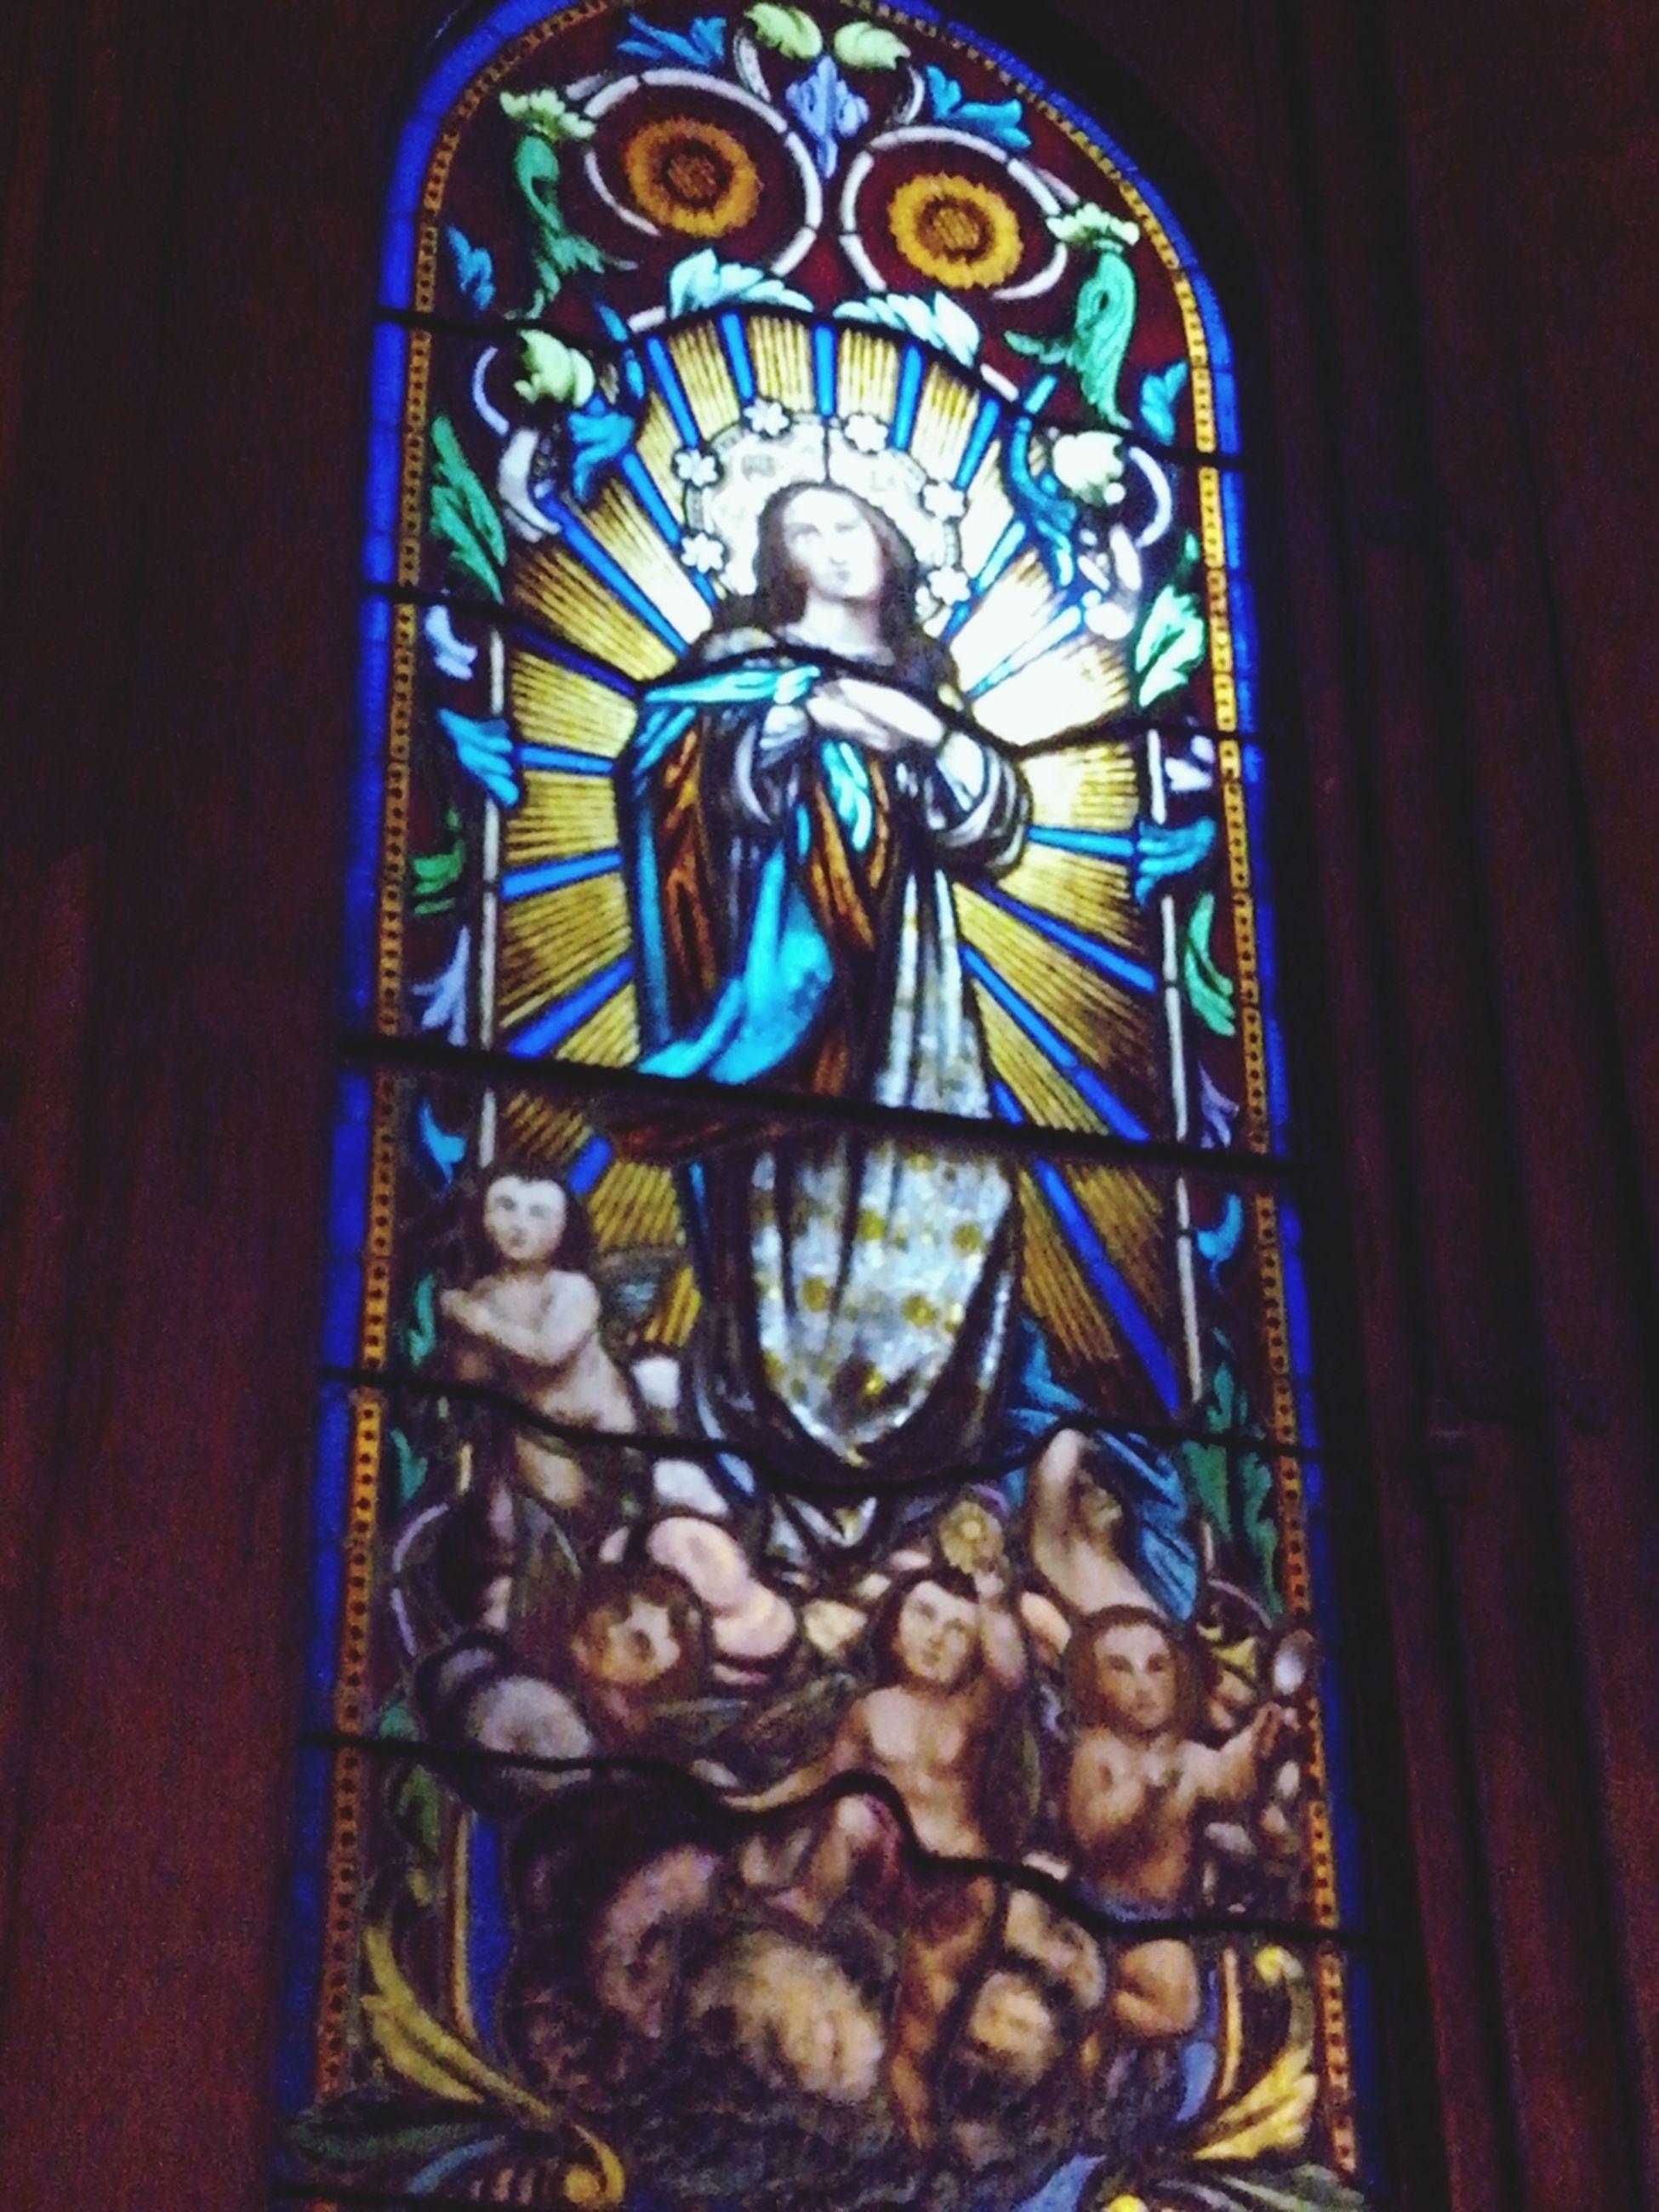 Vitraux con imagen de una imaginacion del papa Pio IX: que la Virgen habia nacido exenta del pecado original, es decir que Ana y Joaquin no se unieron con goce sexual para concebir a Maria